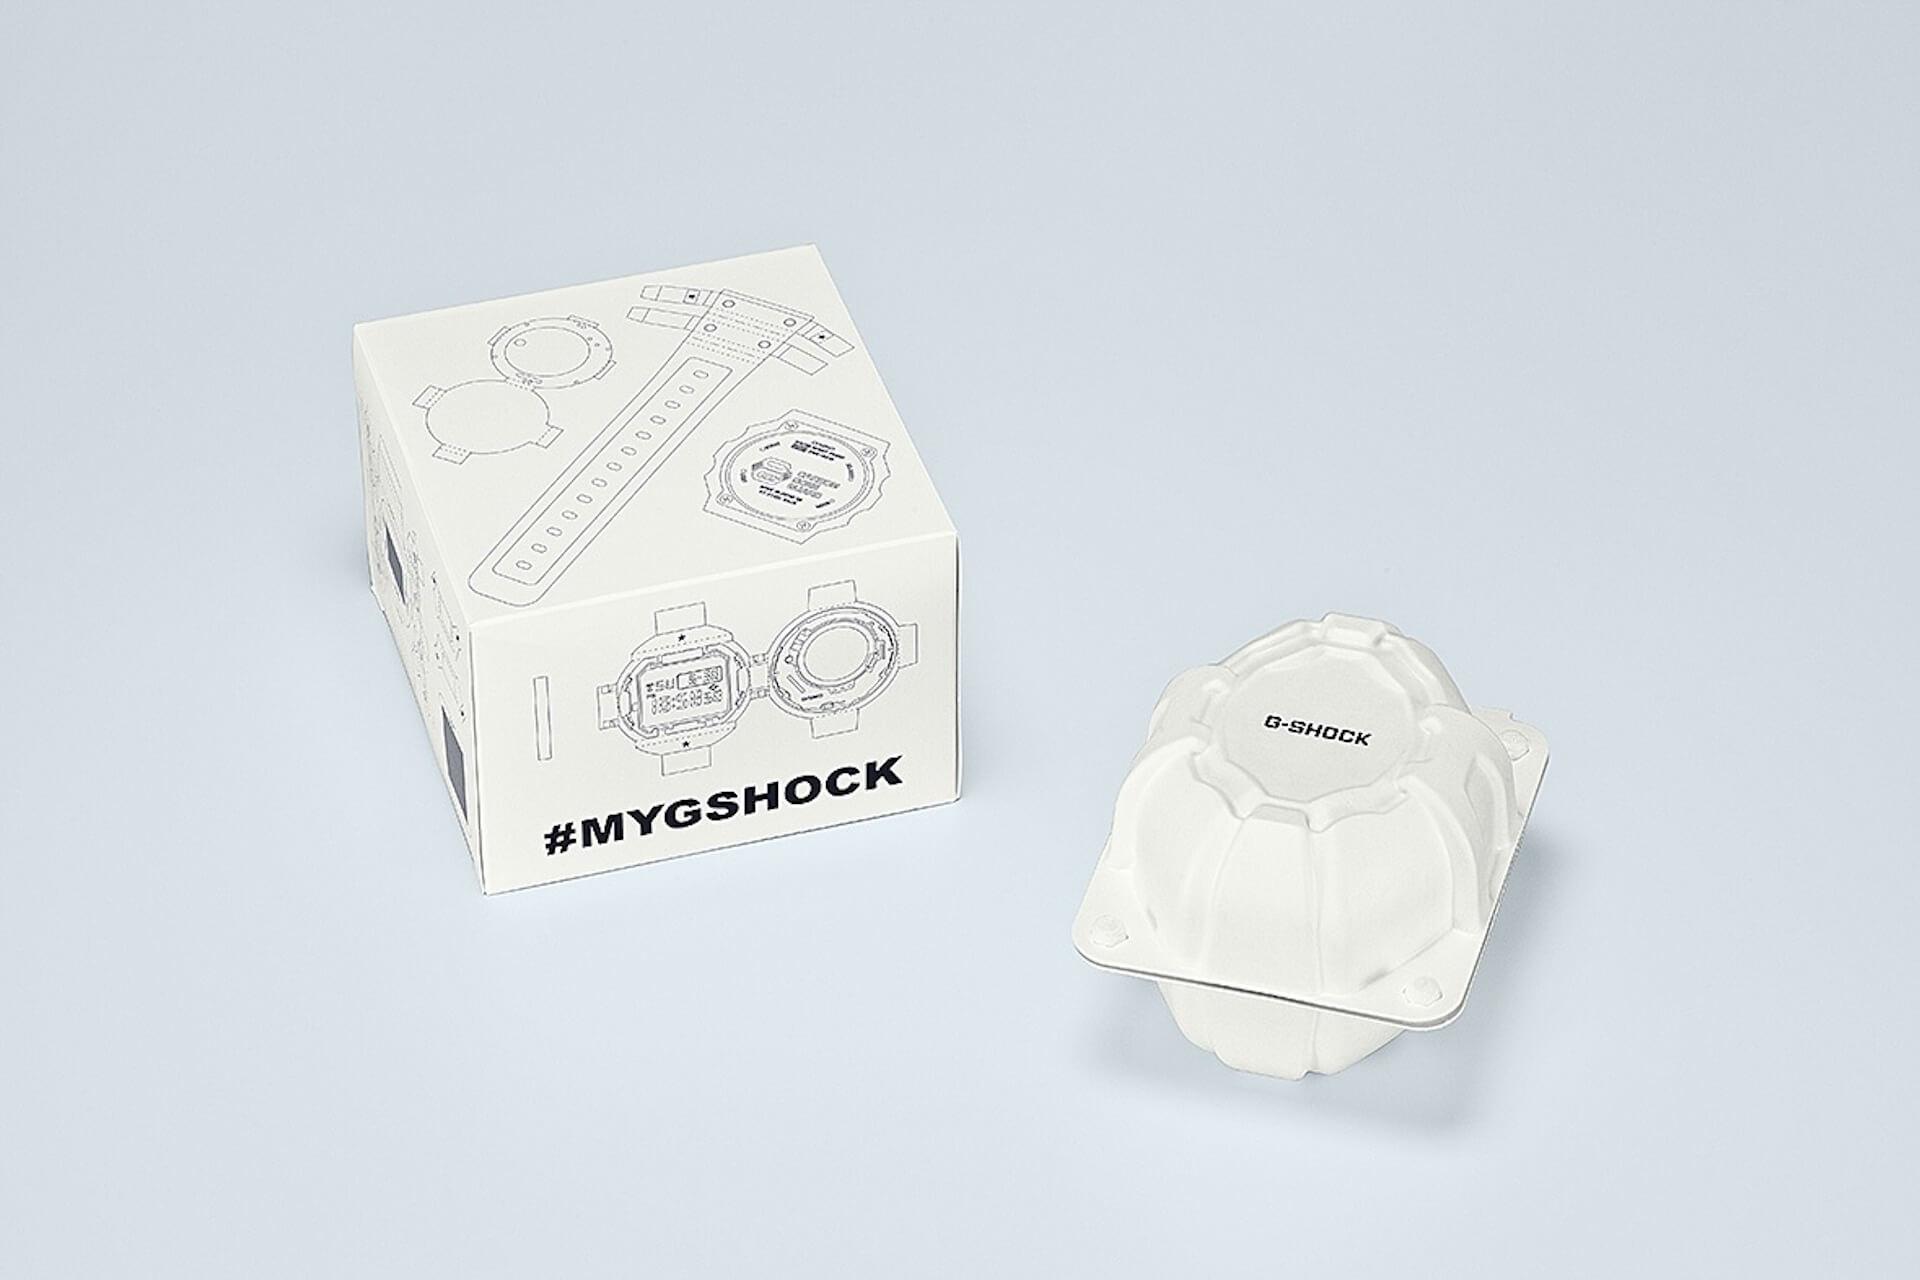 190万通りから自分好みのG-SHOCKを作れる!G-SHOCKカスタマイズサービス『MY G-SHOCK』がスタート tech211014_g_shock_2